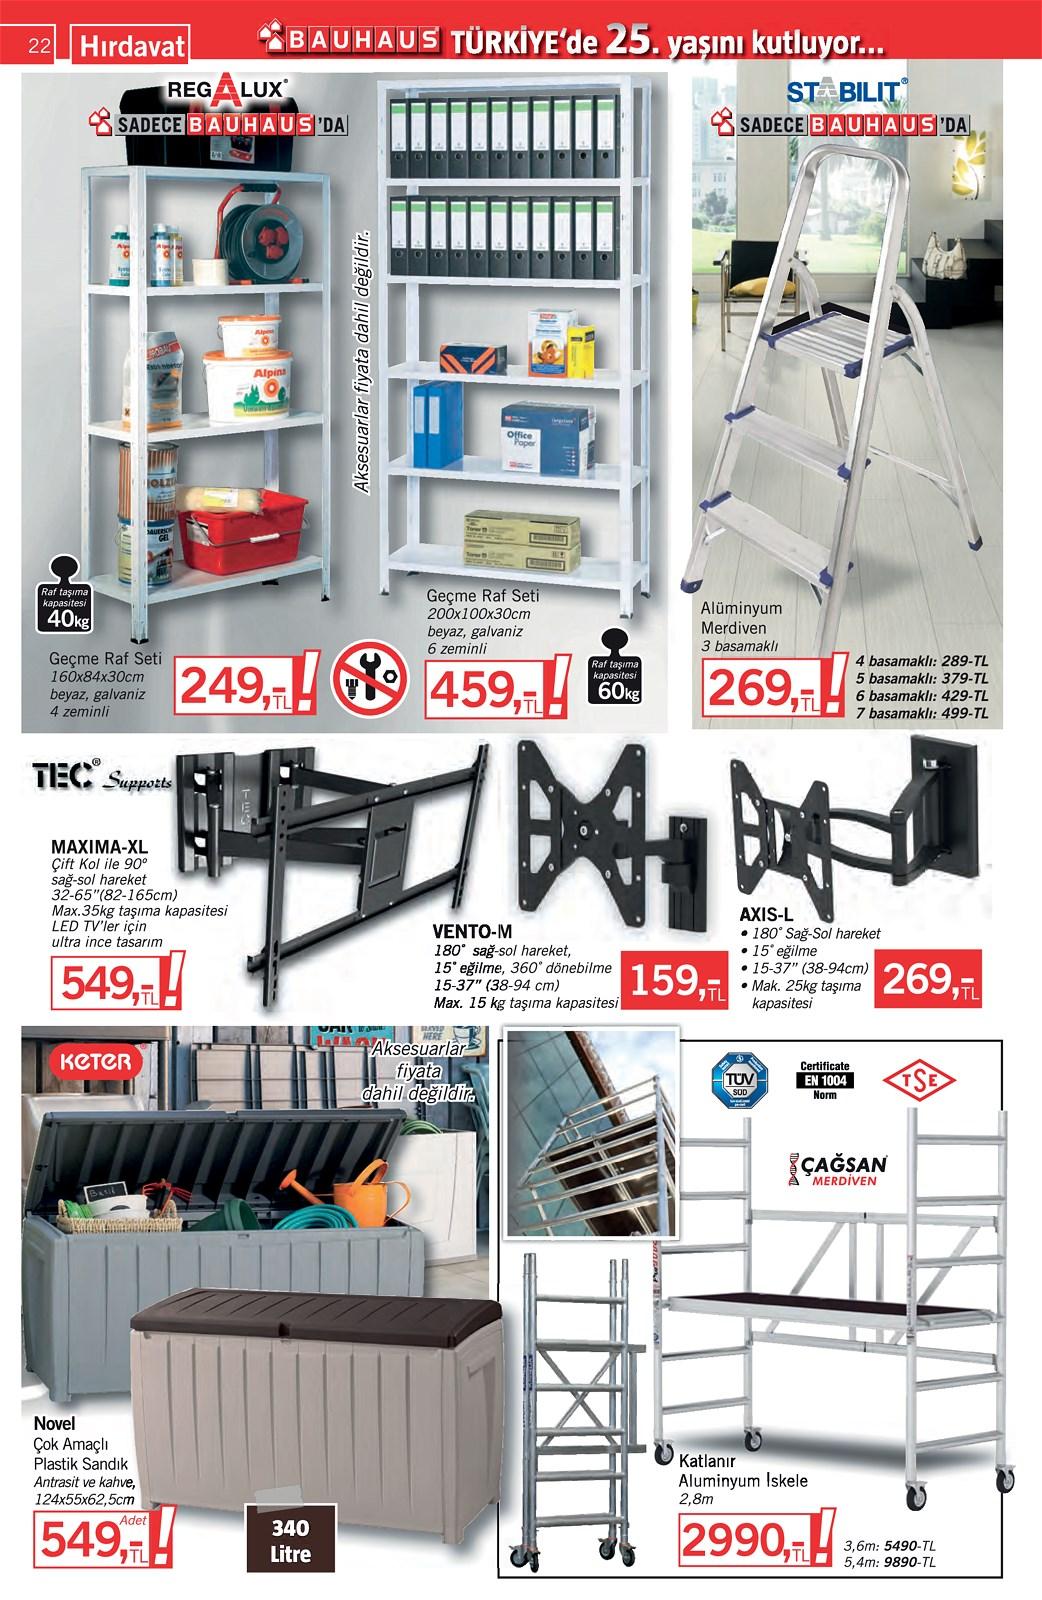 25.09.2021 Bauhaus broşürü 22. sayfa